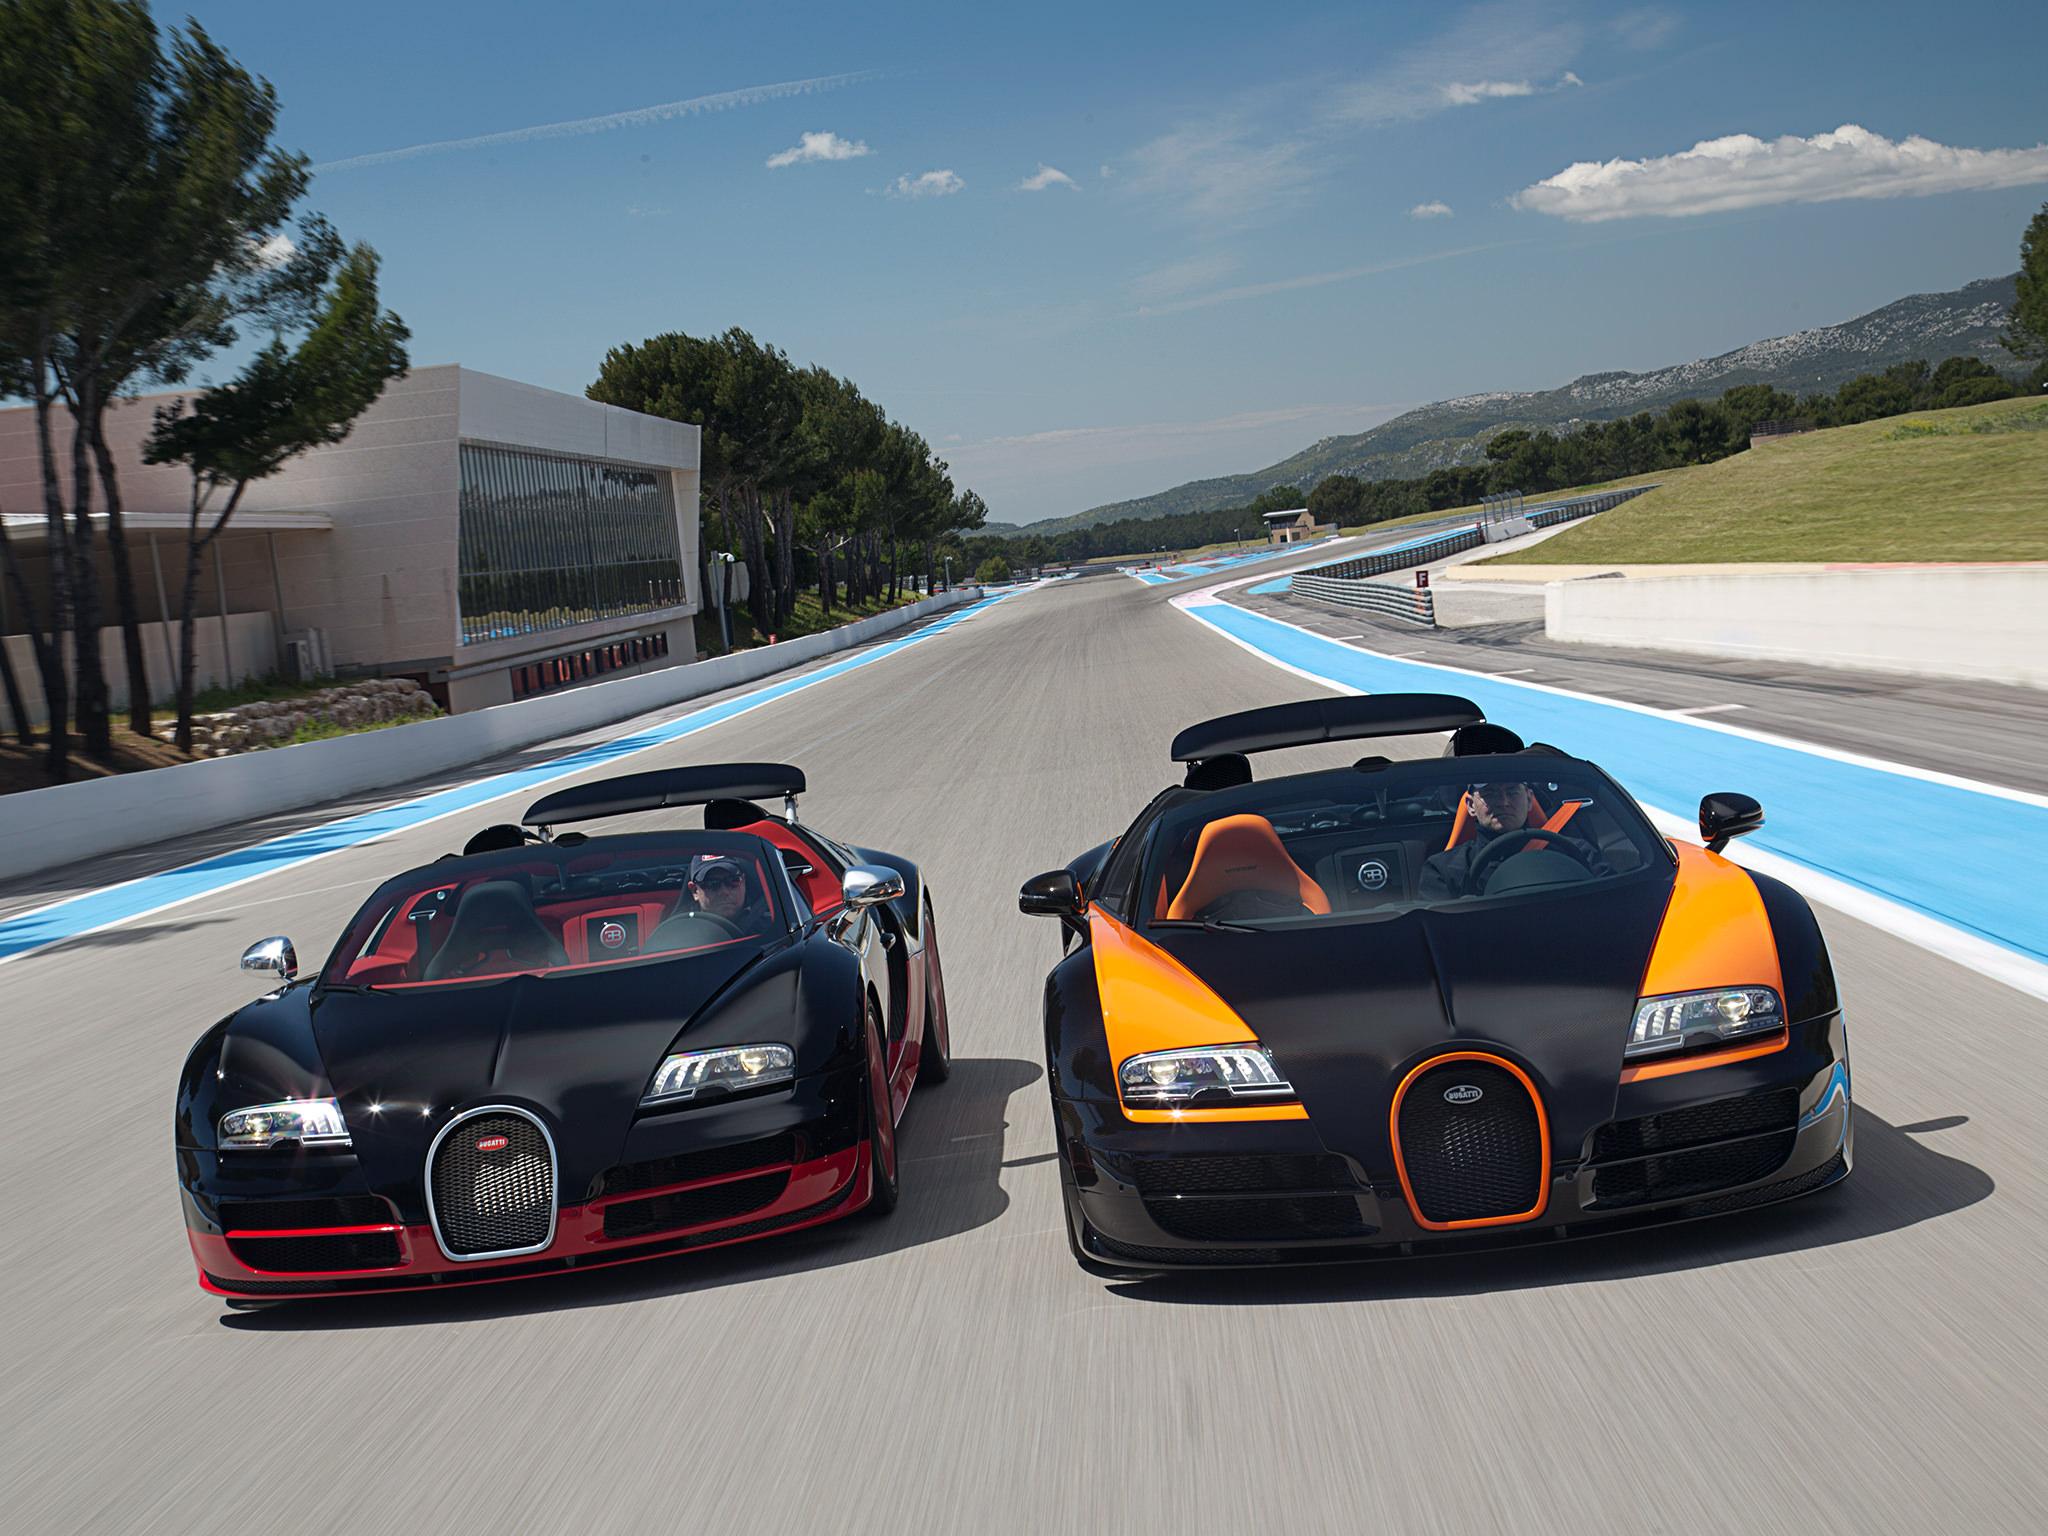 Bugatti Cars Background